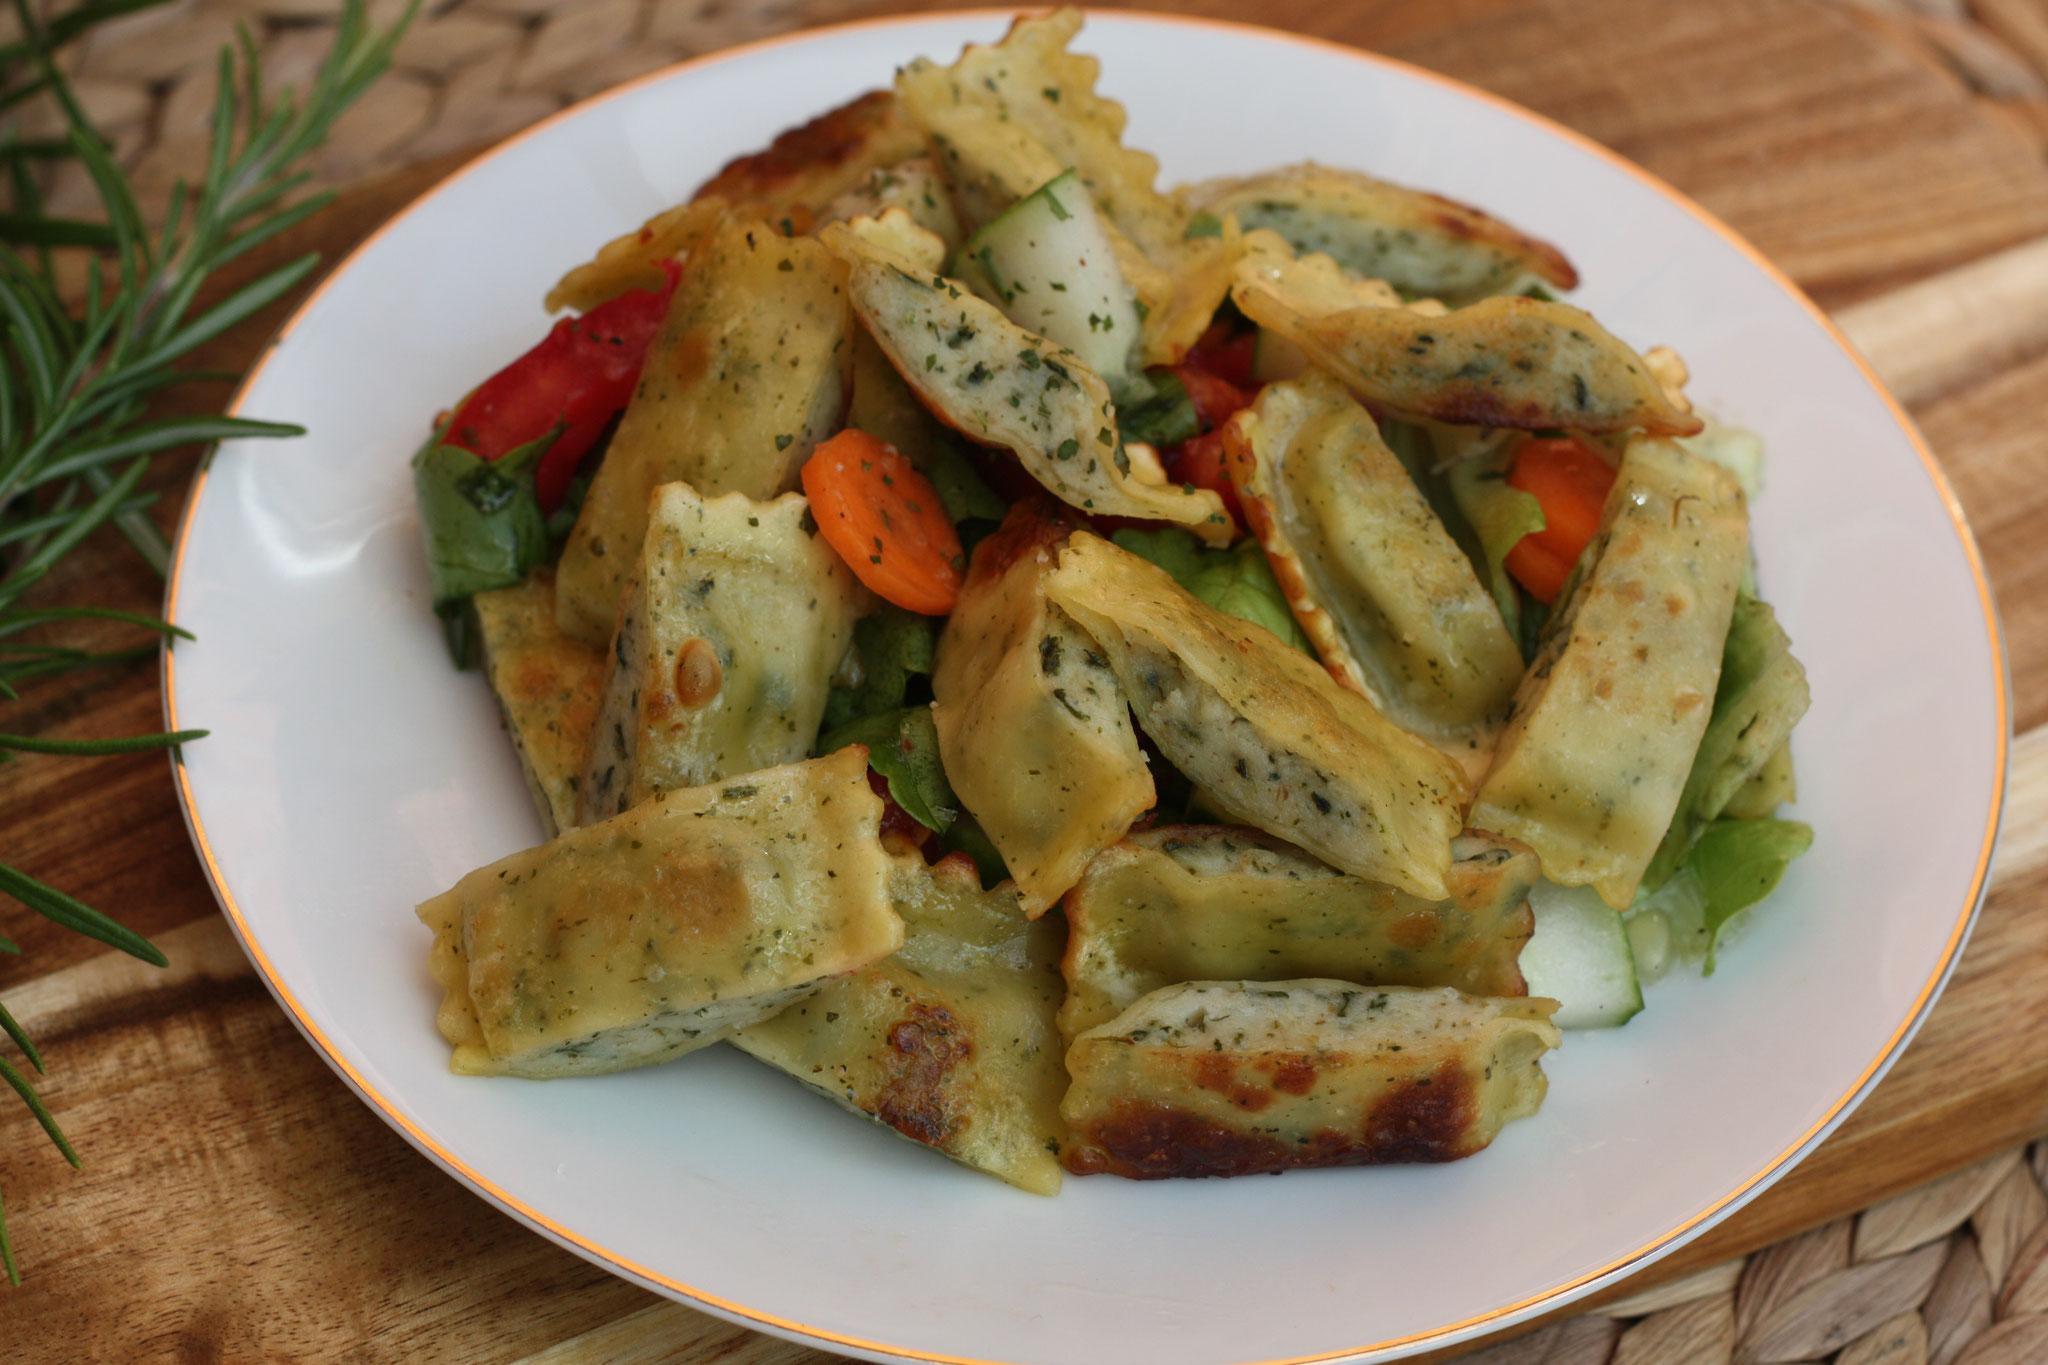 Gebratene Frischkäsemaultaschen mit Salat